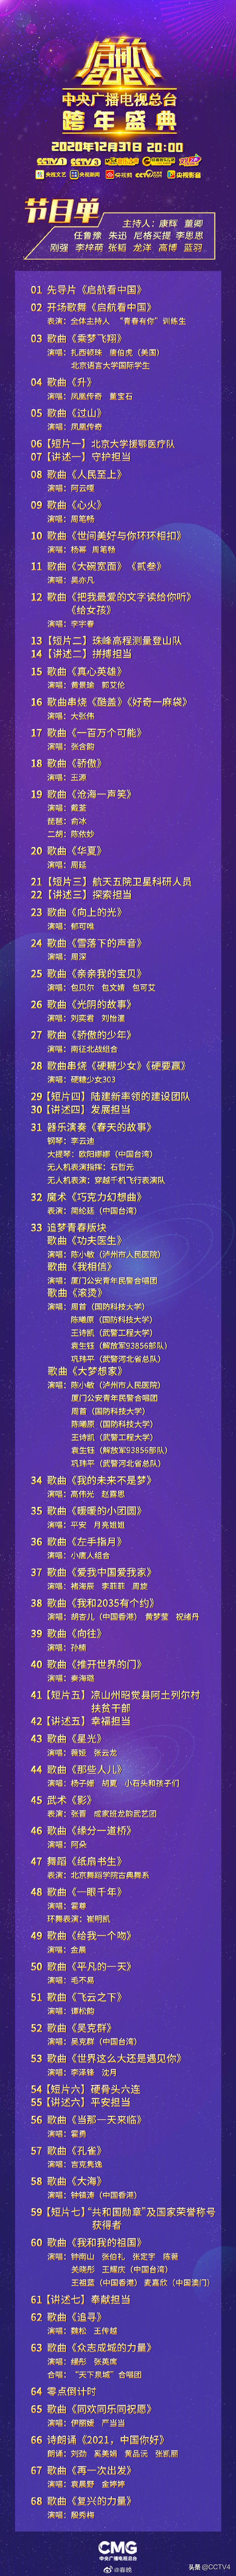 《启航2021——中央广播电视总台跨年盛典》节目单新鲜出炉